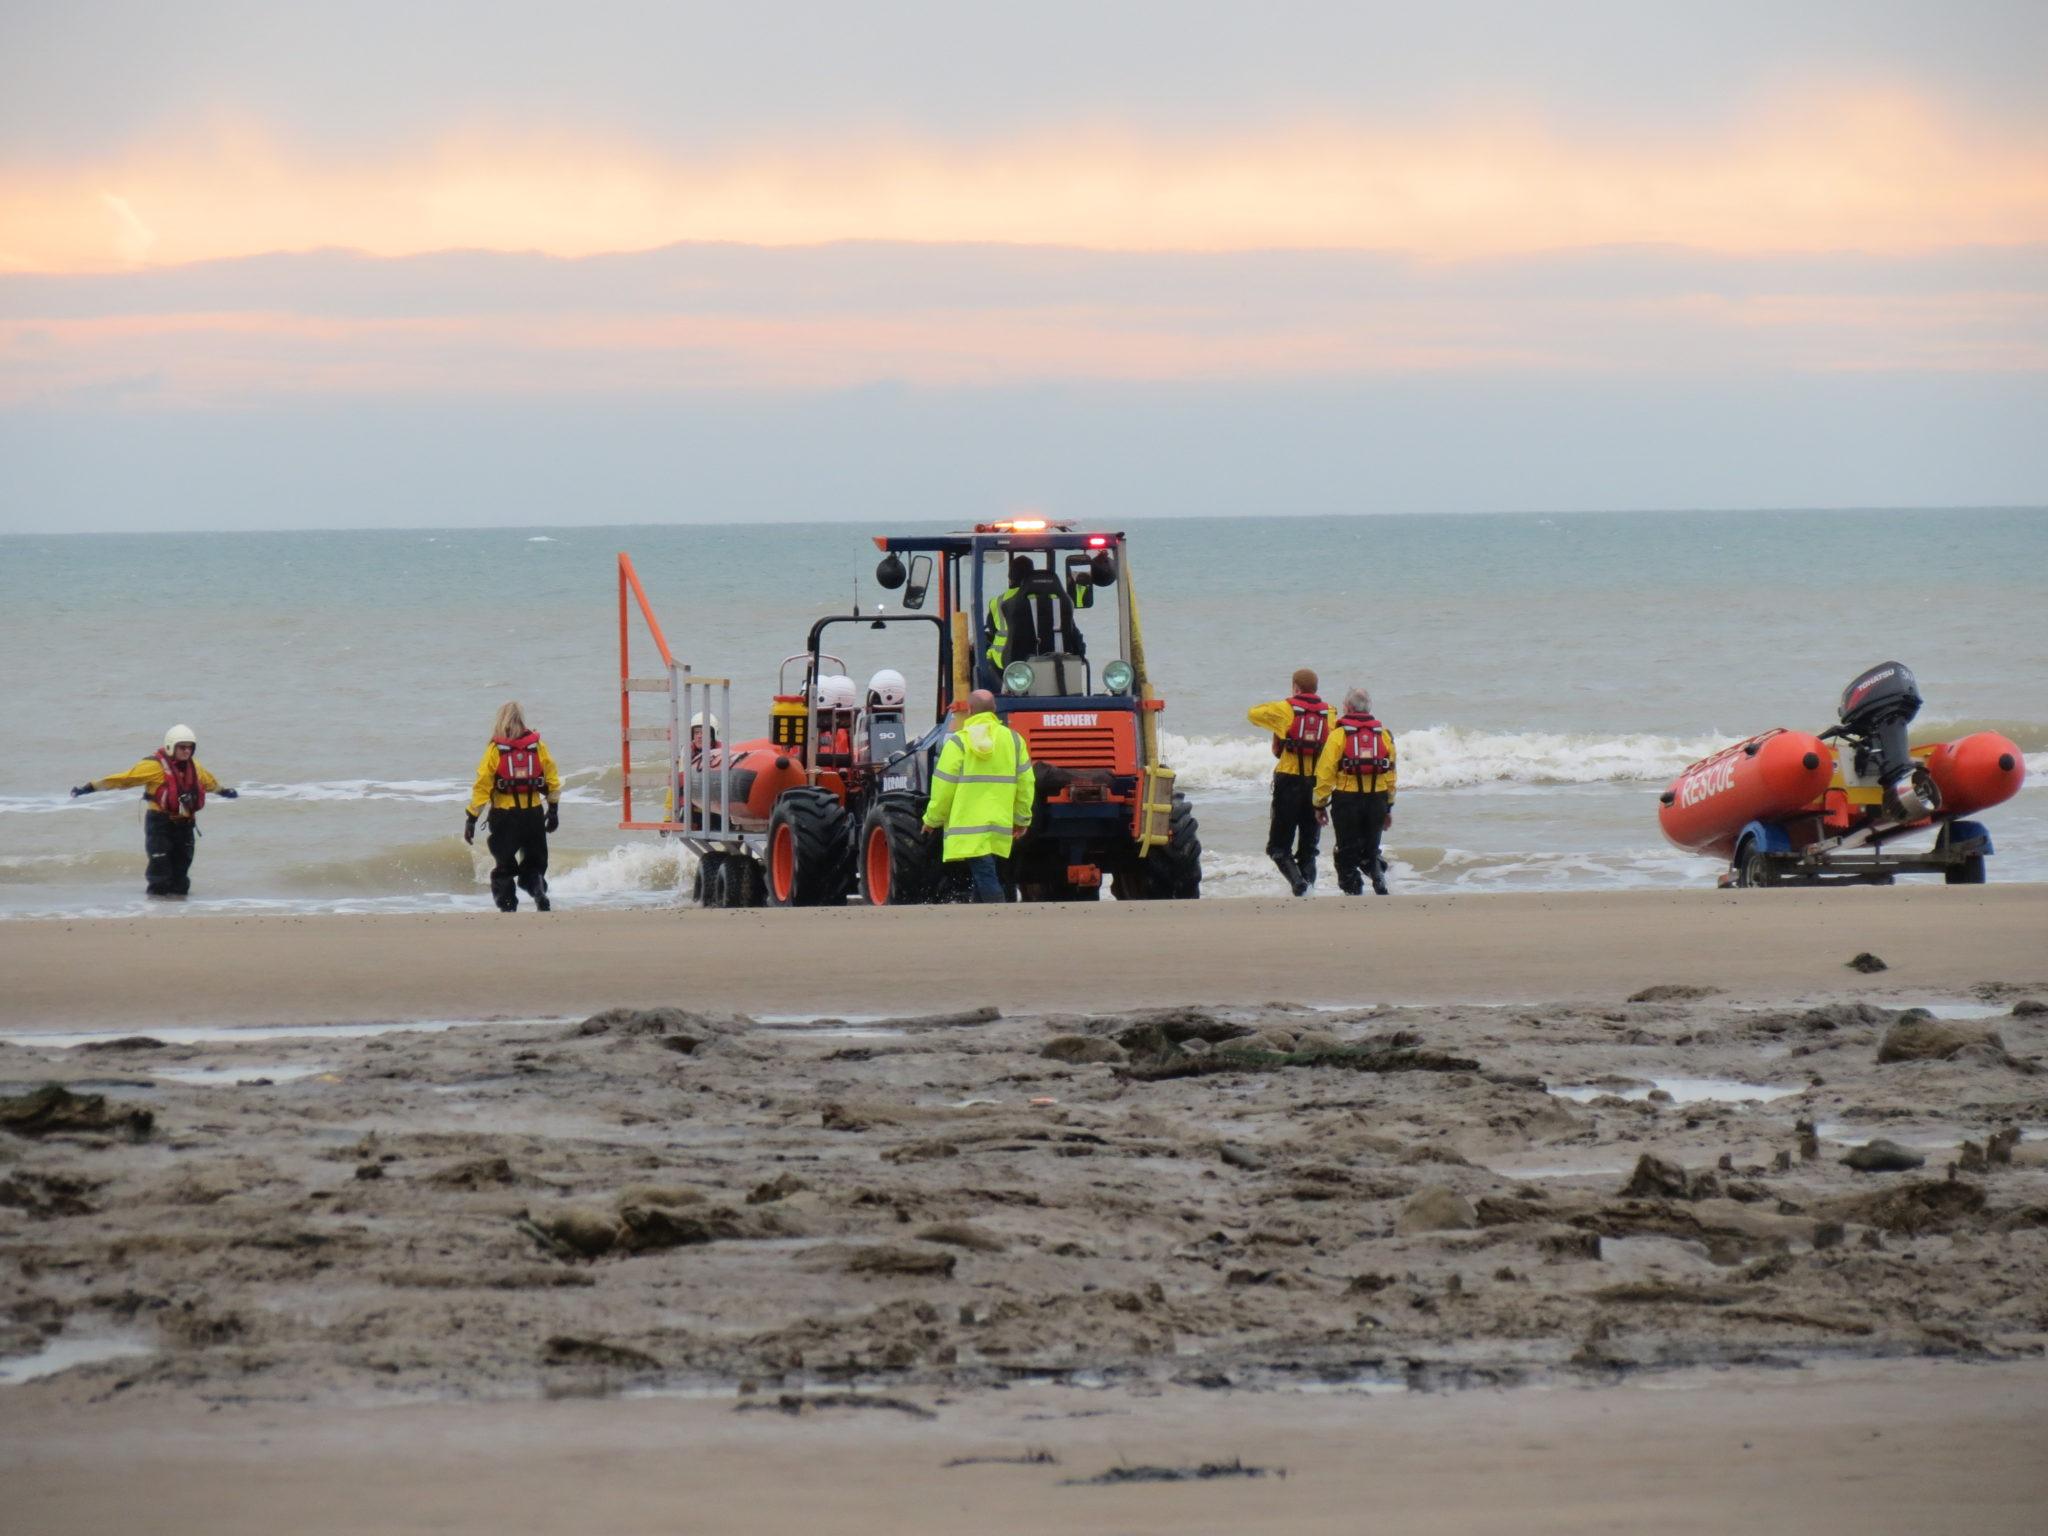 Low tide double boat launch, rescue boat